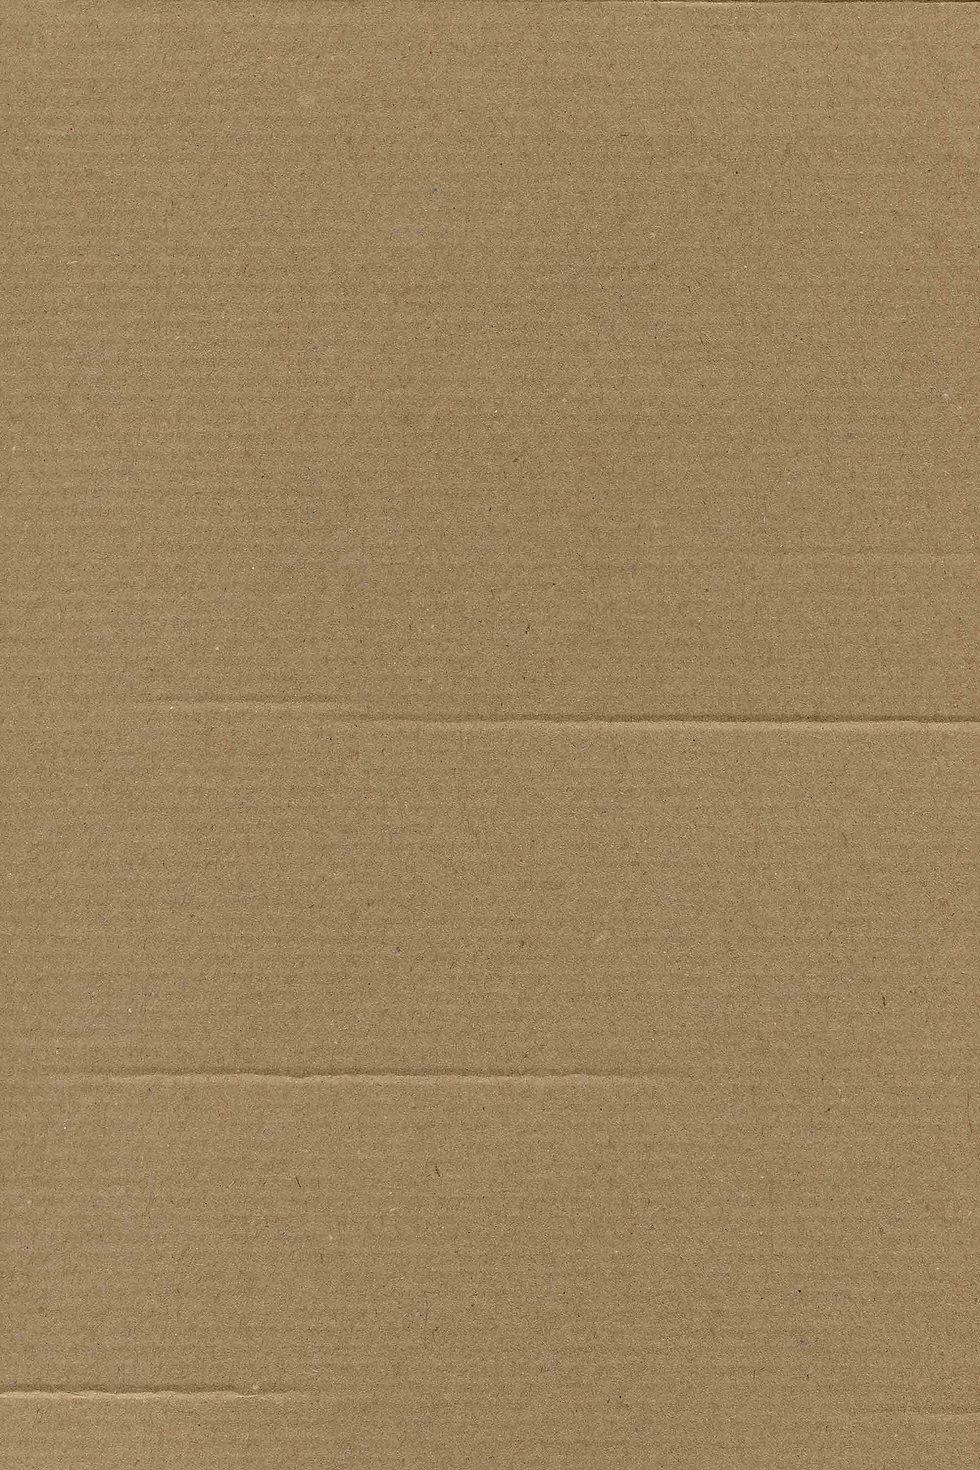 Clean Cardboard 14 verti.jpg